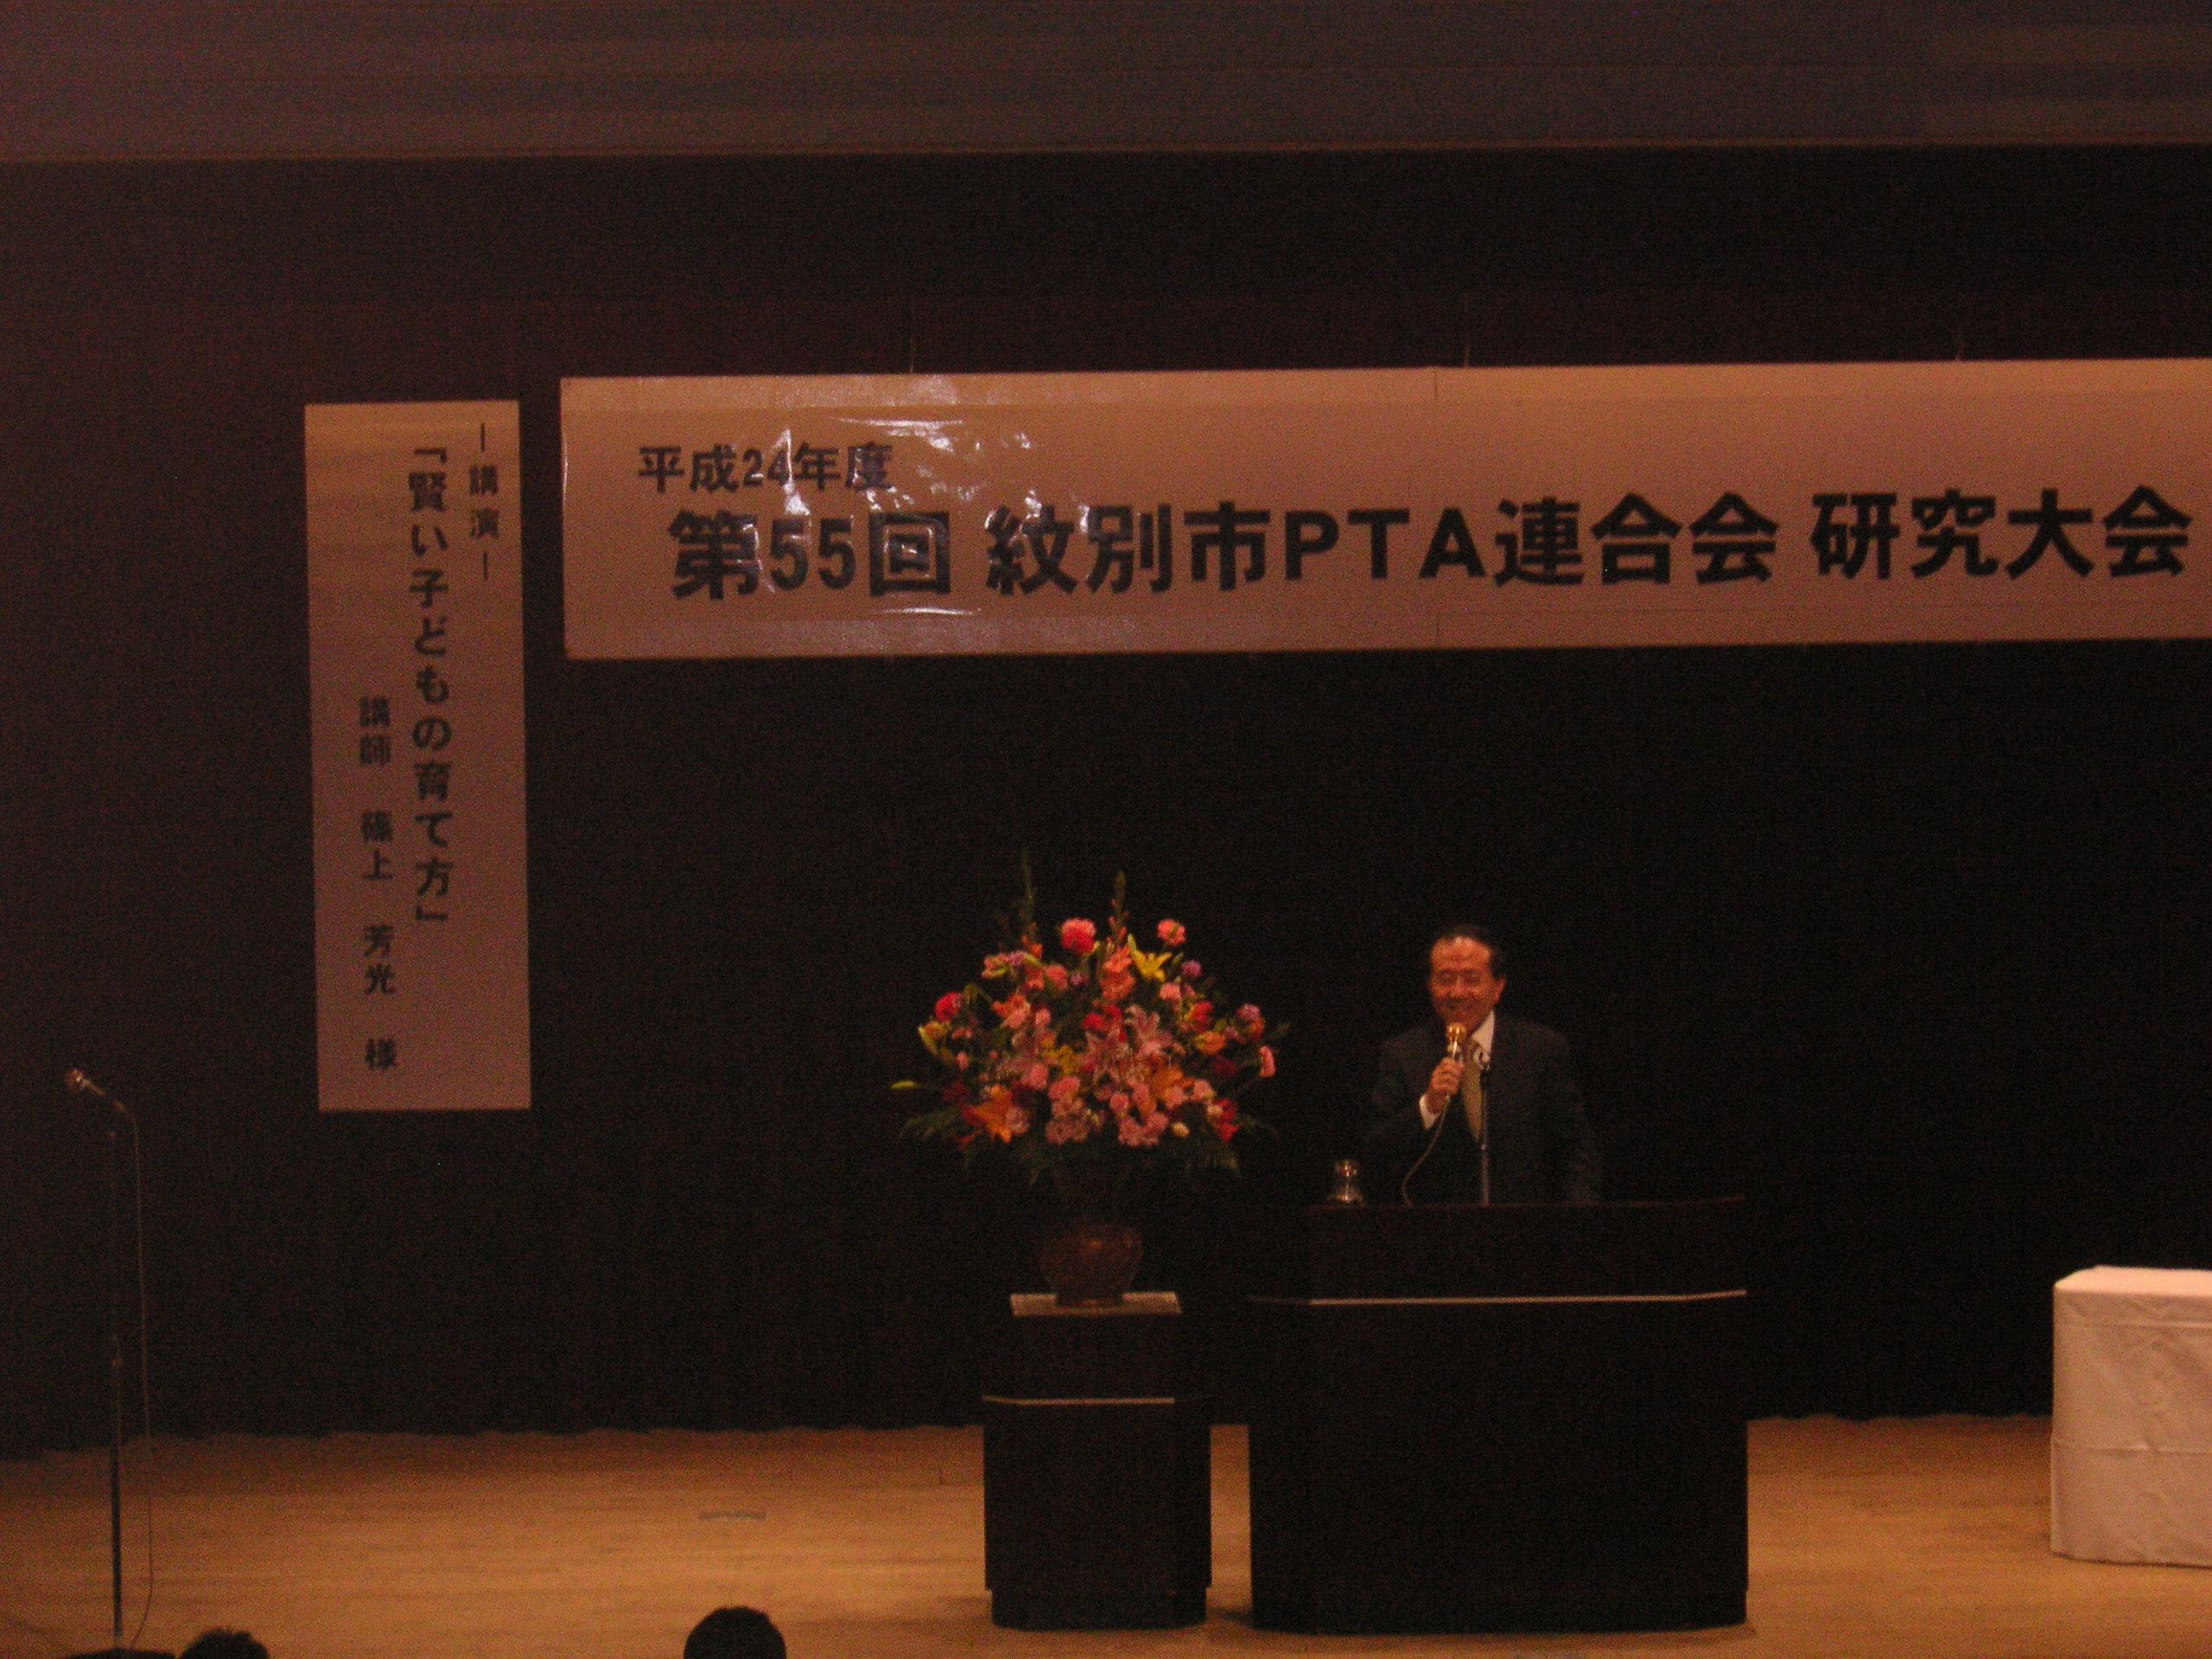 個別指導塾YSP 代表篠上芳光は全国で講演を行っています。メールでお問合せください。